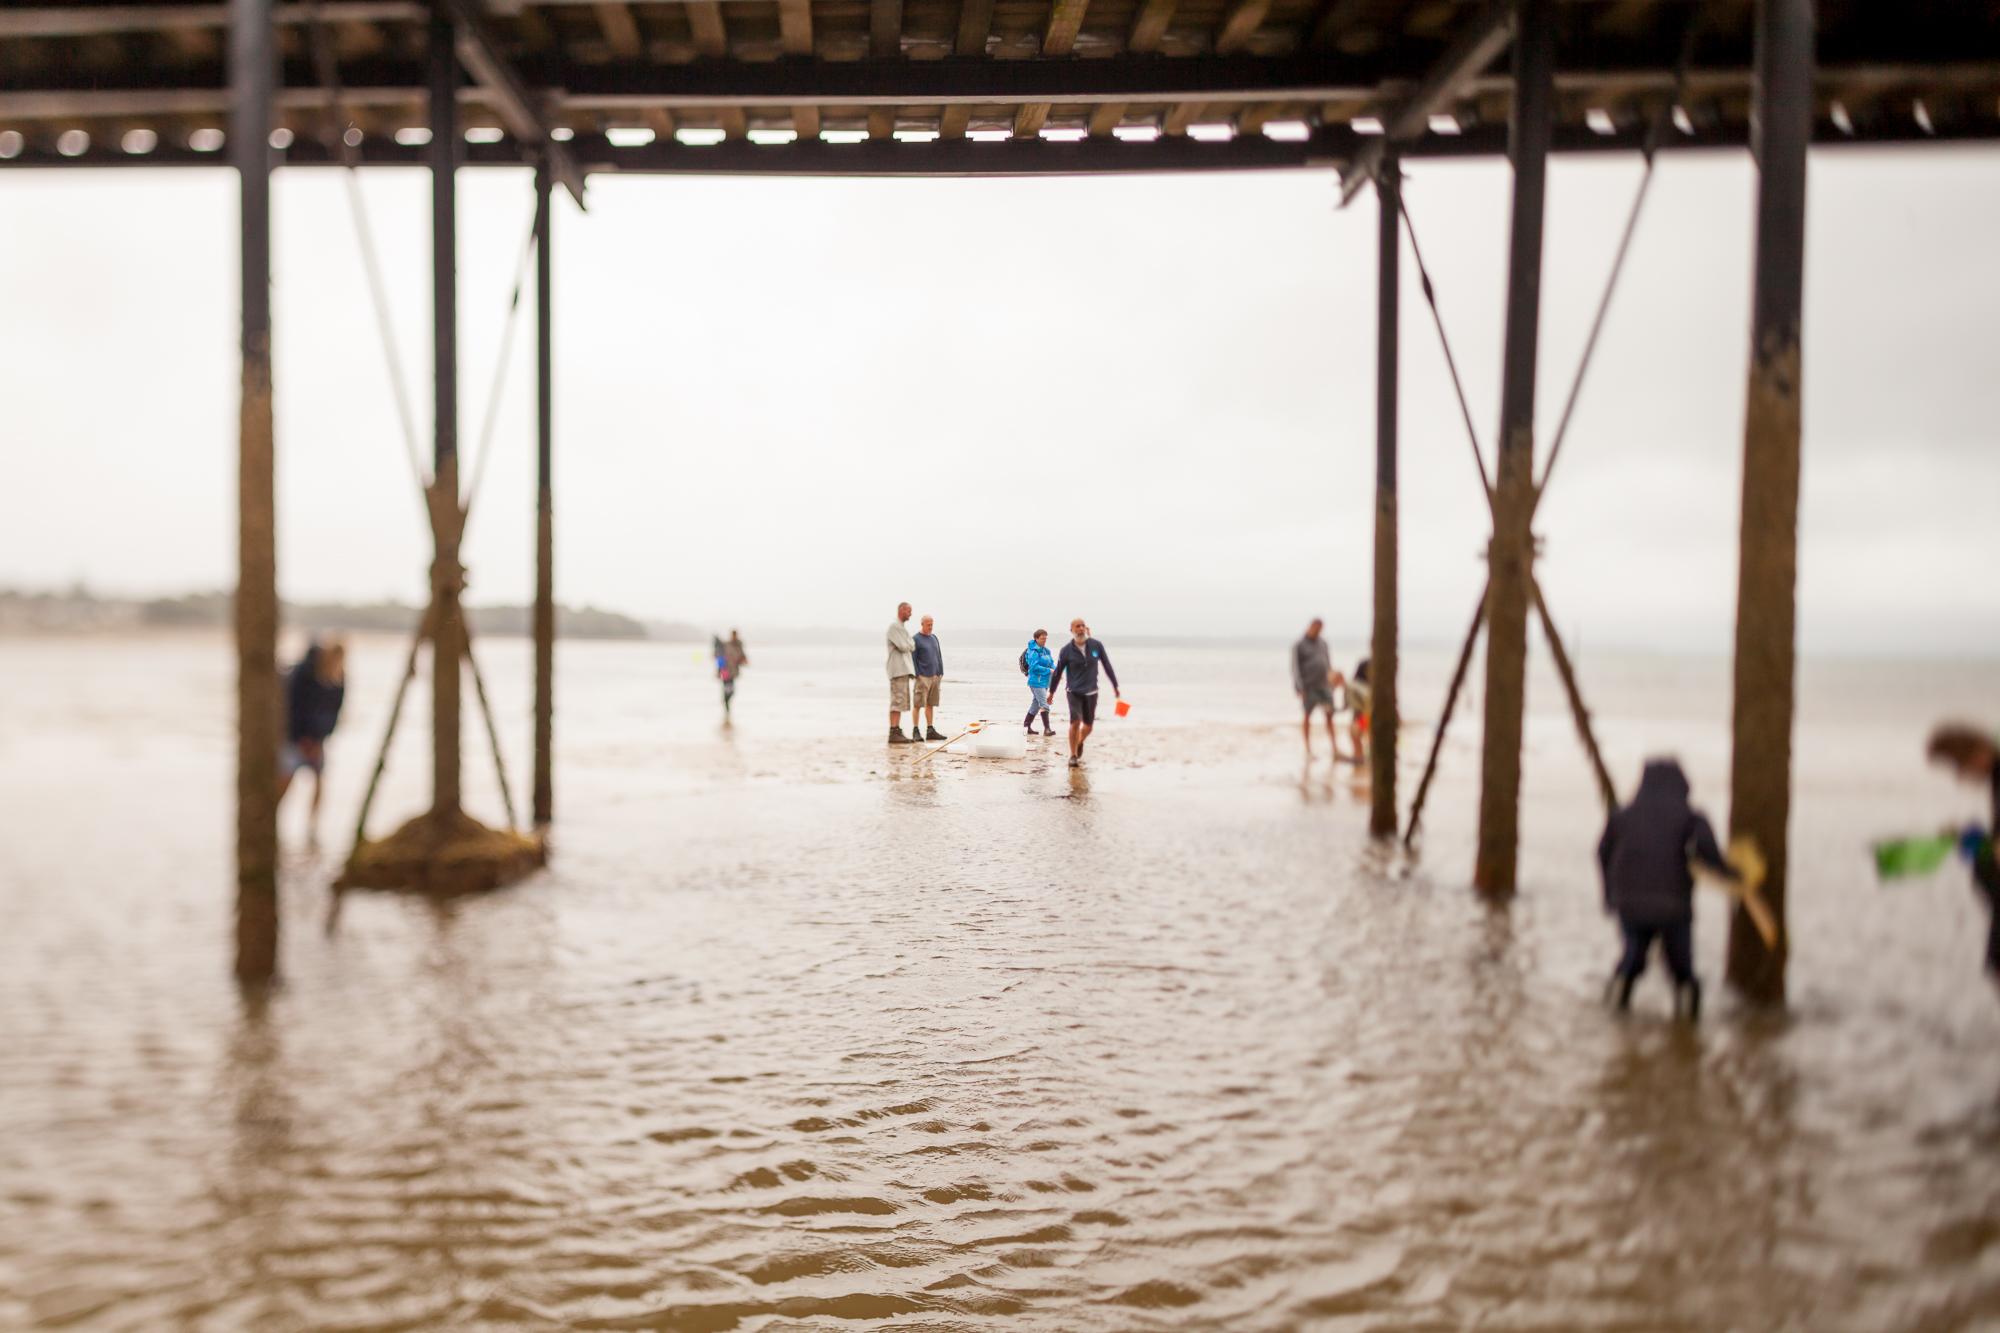 Under The Pier 2016 Image Julian Winslow (71).jpg